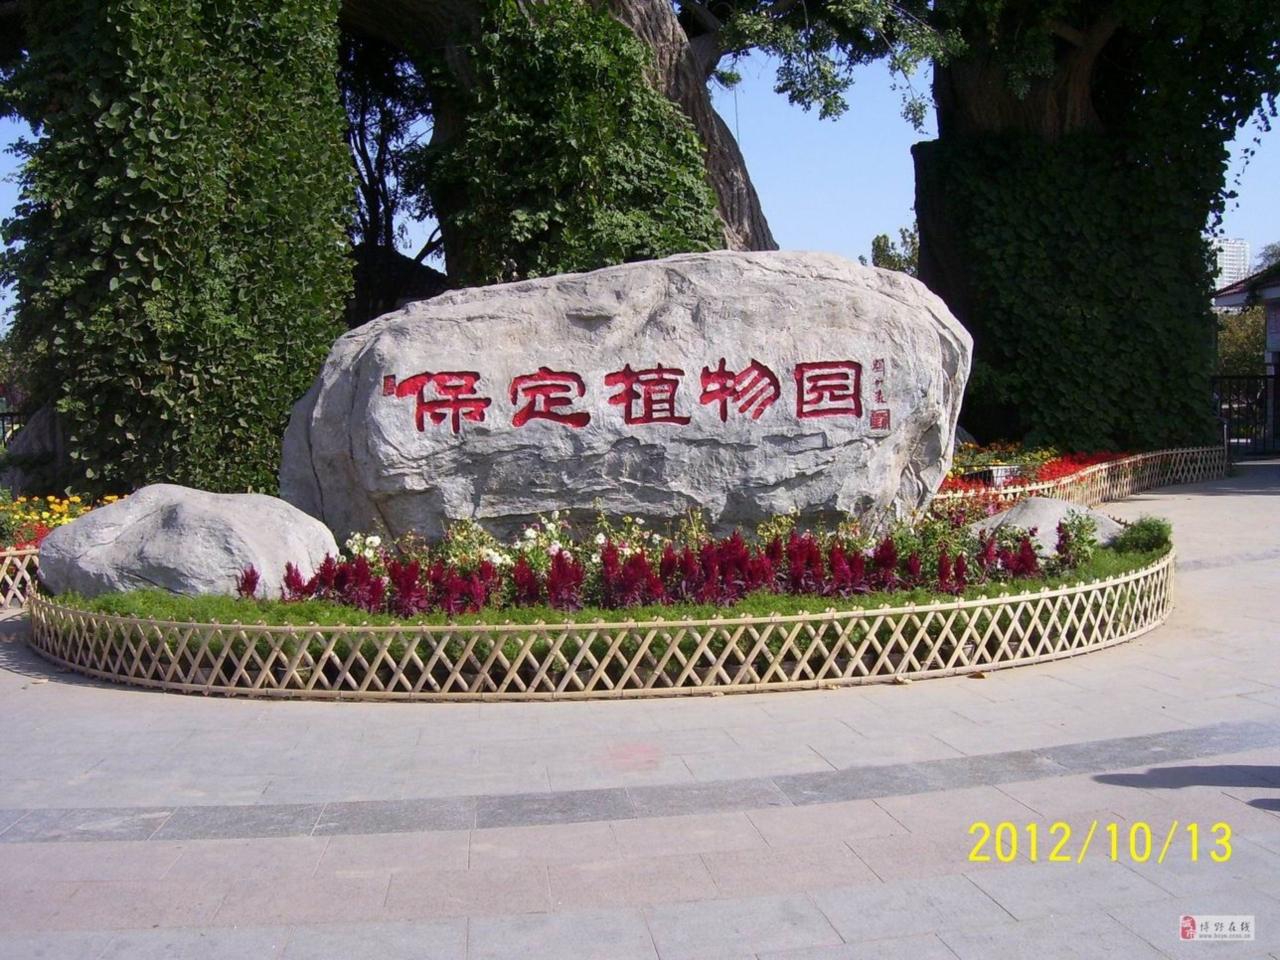 十一国庆节漫游保定市植物园